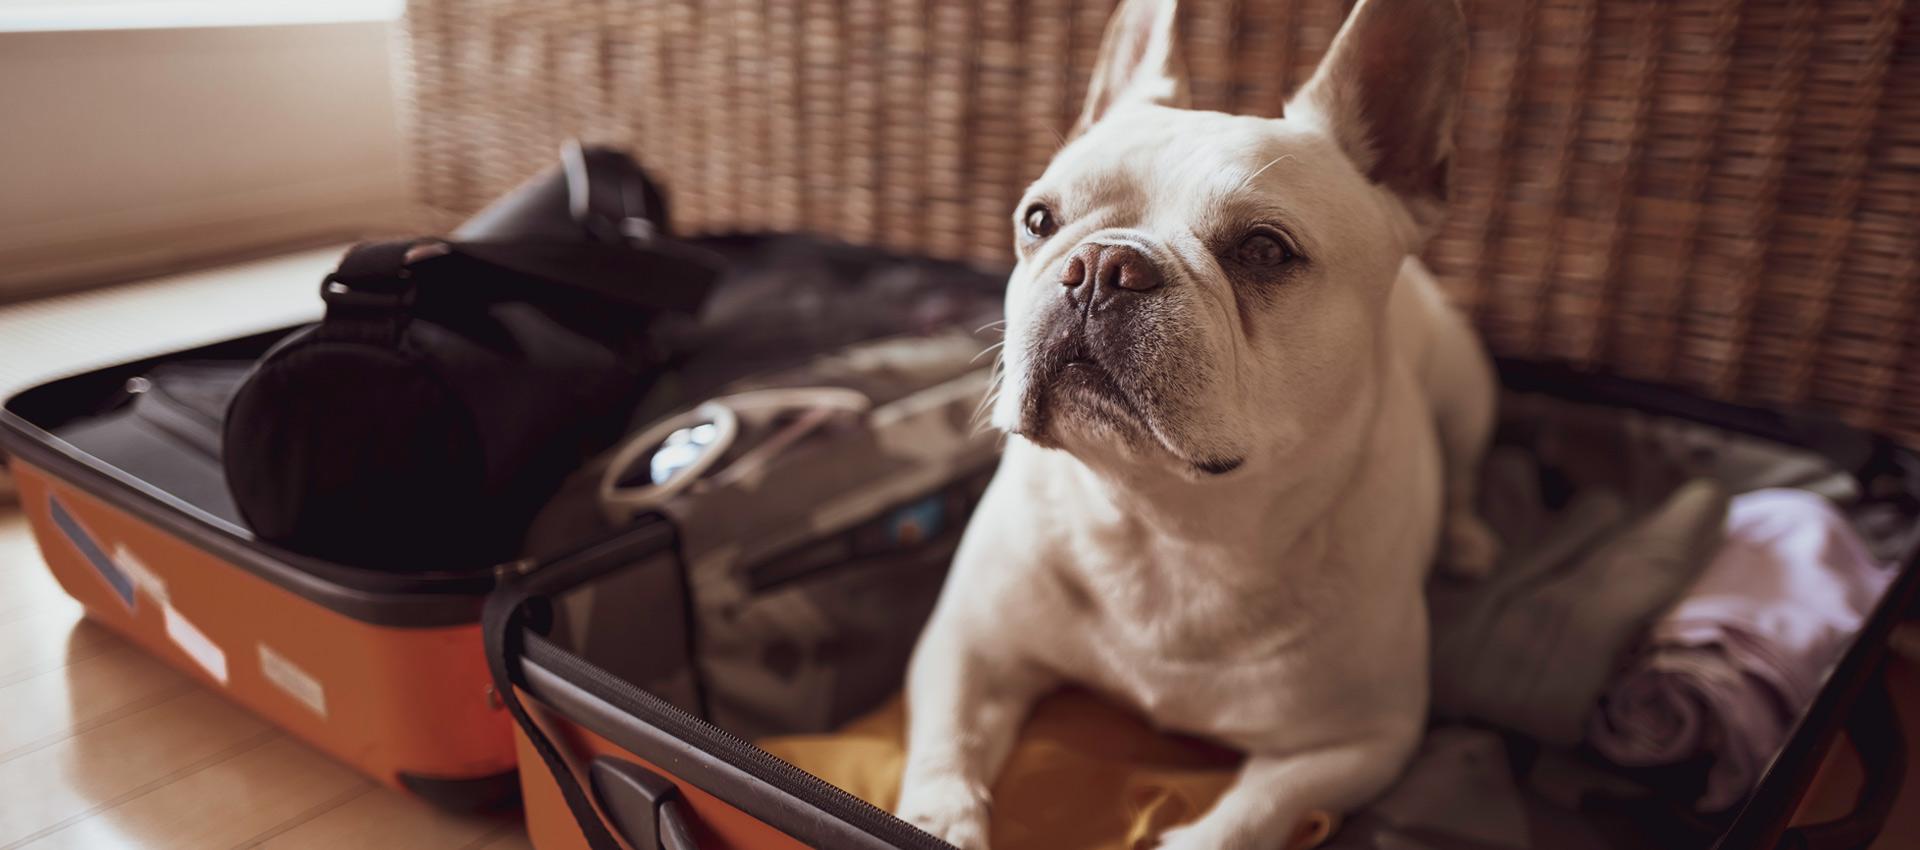 White Pug dog sitting inside suitcase looking.